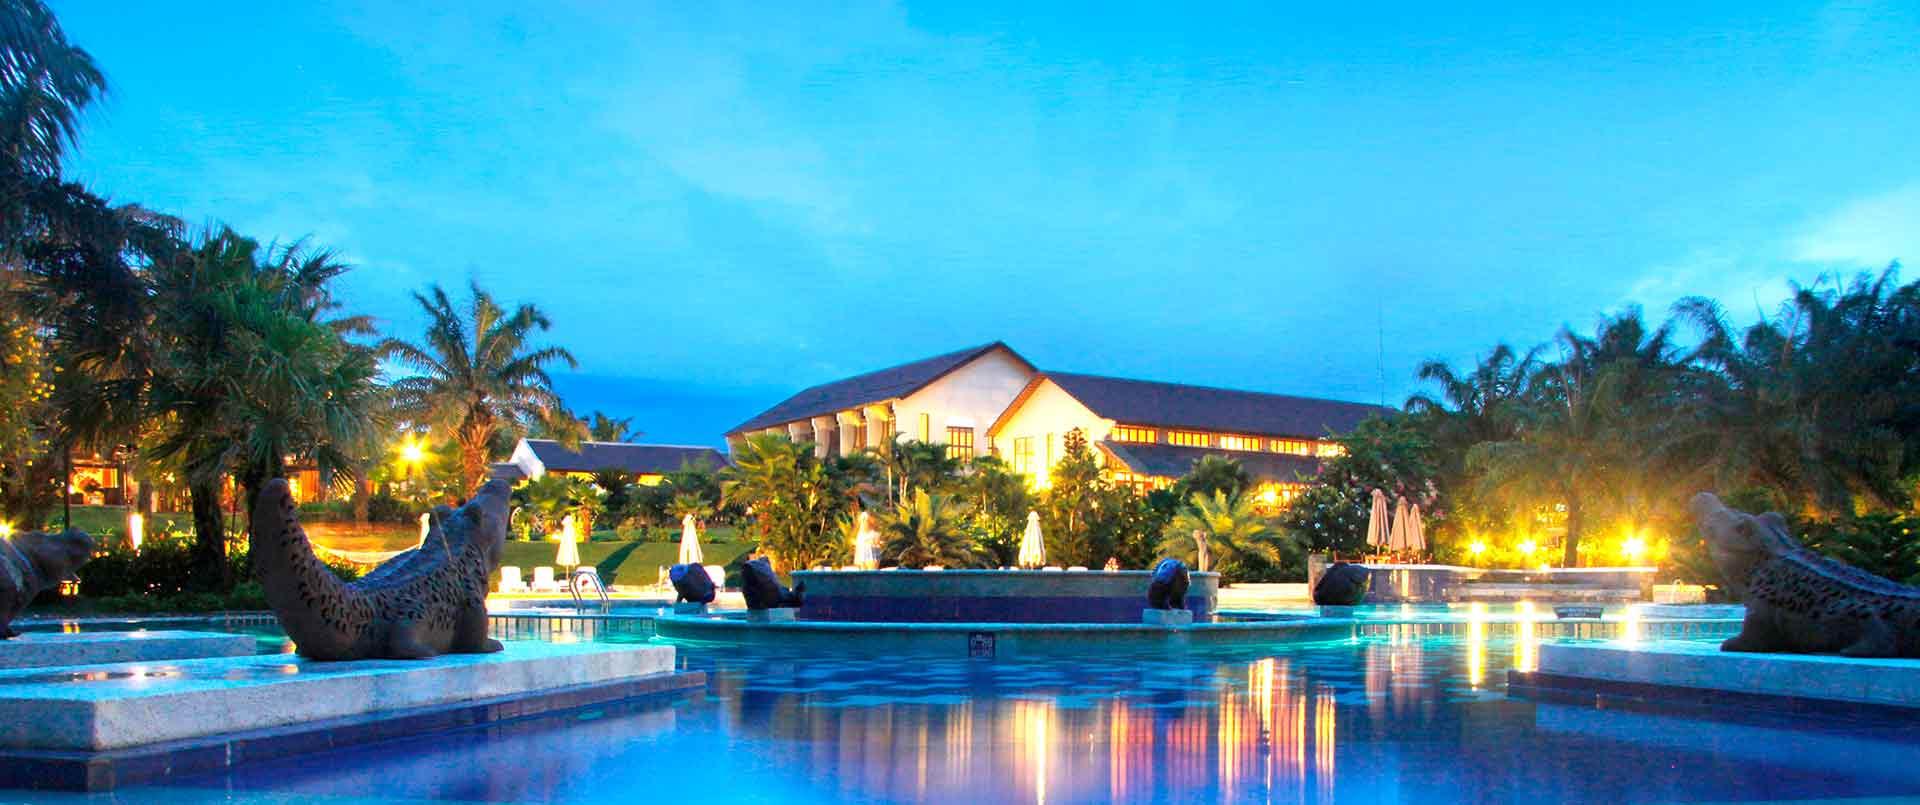 Palm Garden Resort, Hoi An, Vietnam